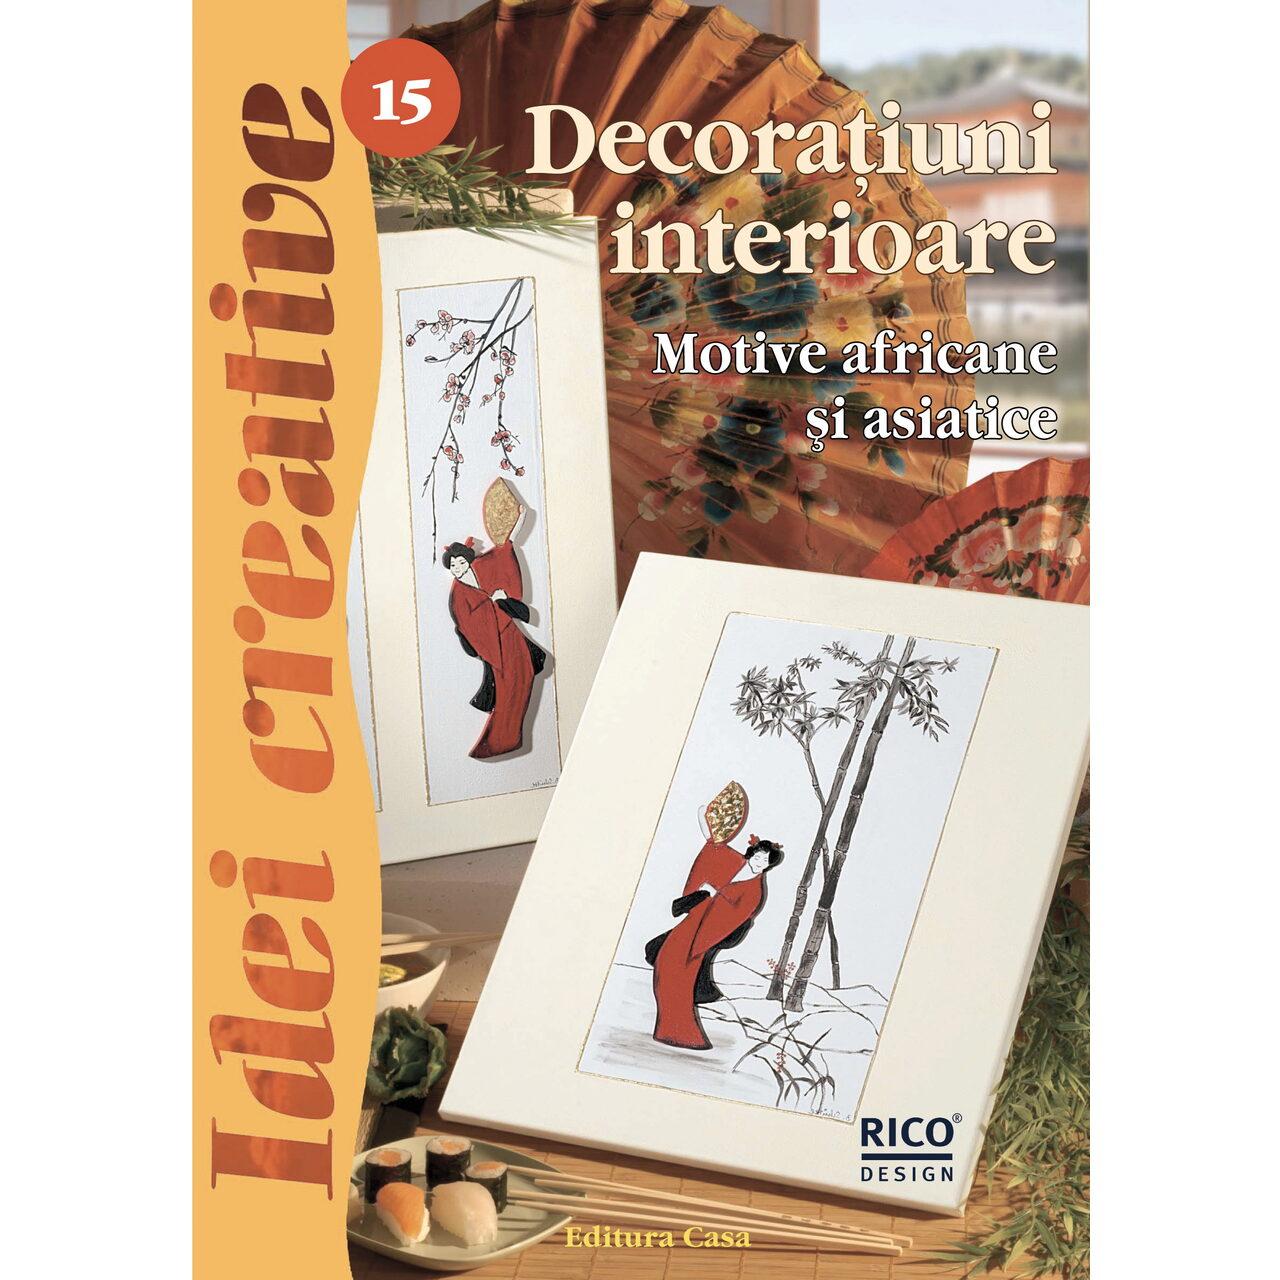 Decoraţiuni interioare - Ed. a II a revizuită - Idei Creative 15 imagine edituracasa.ro